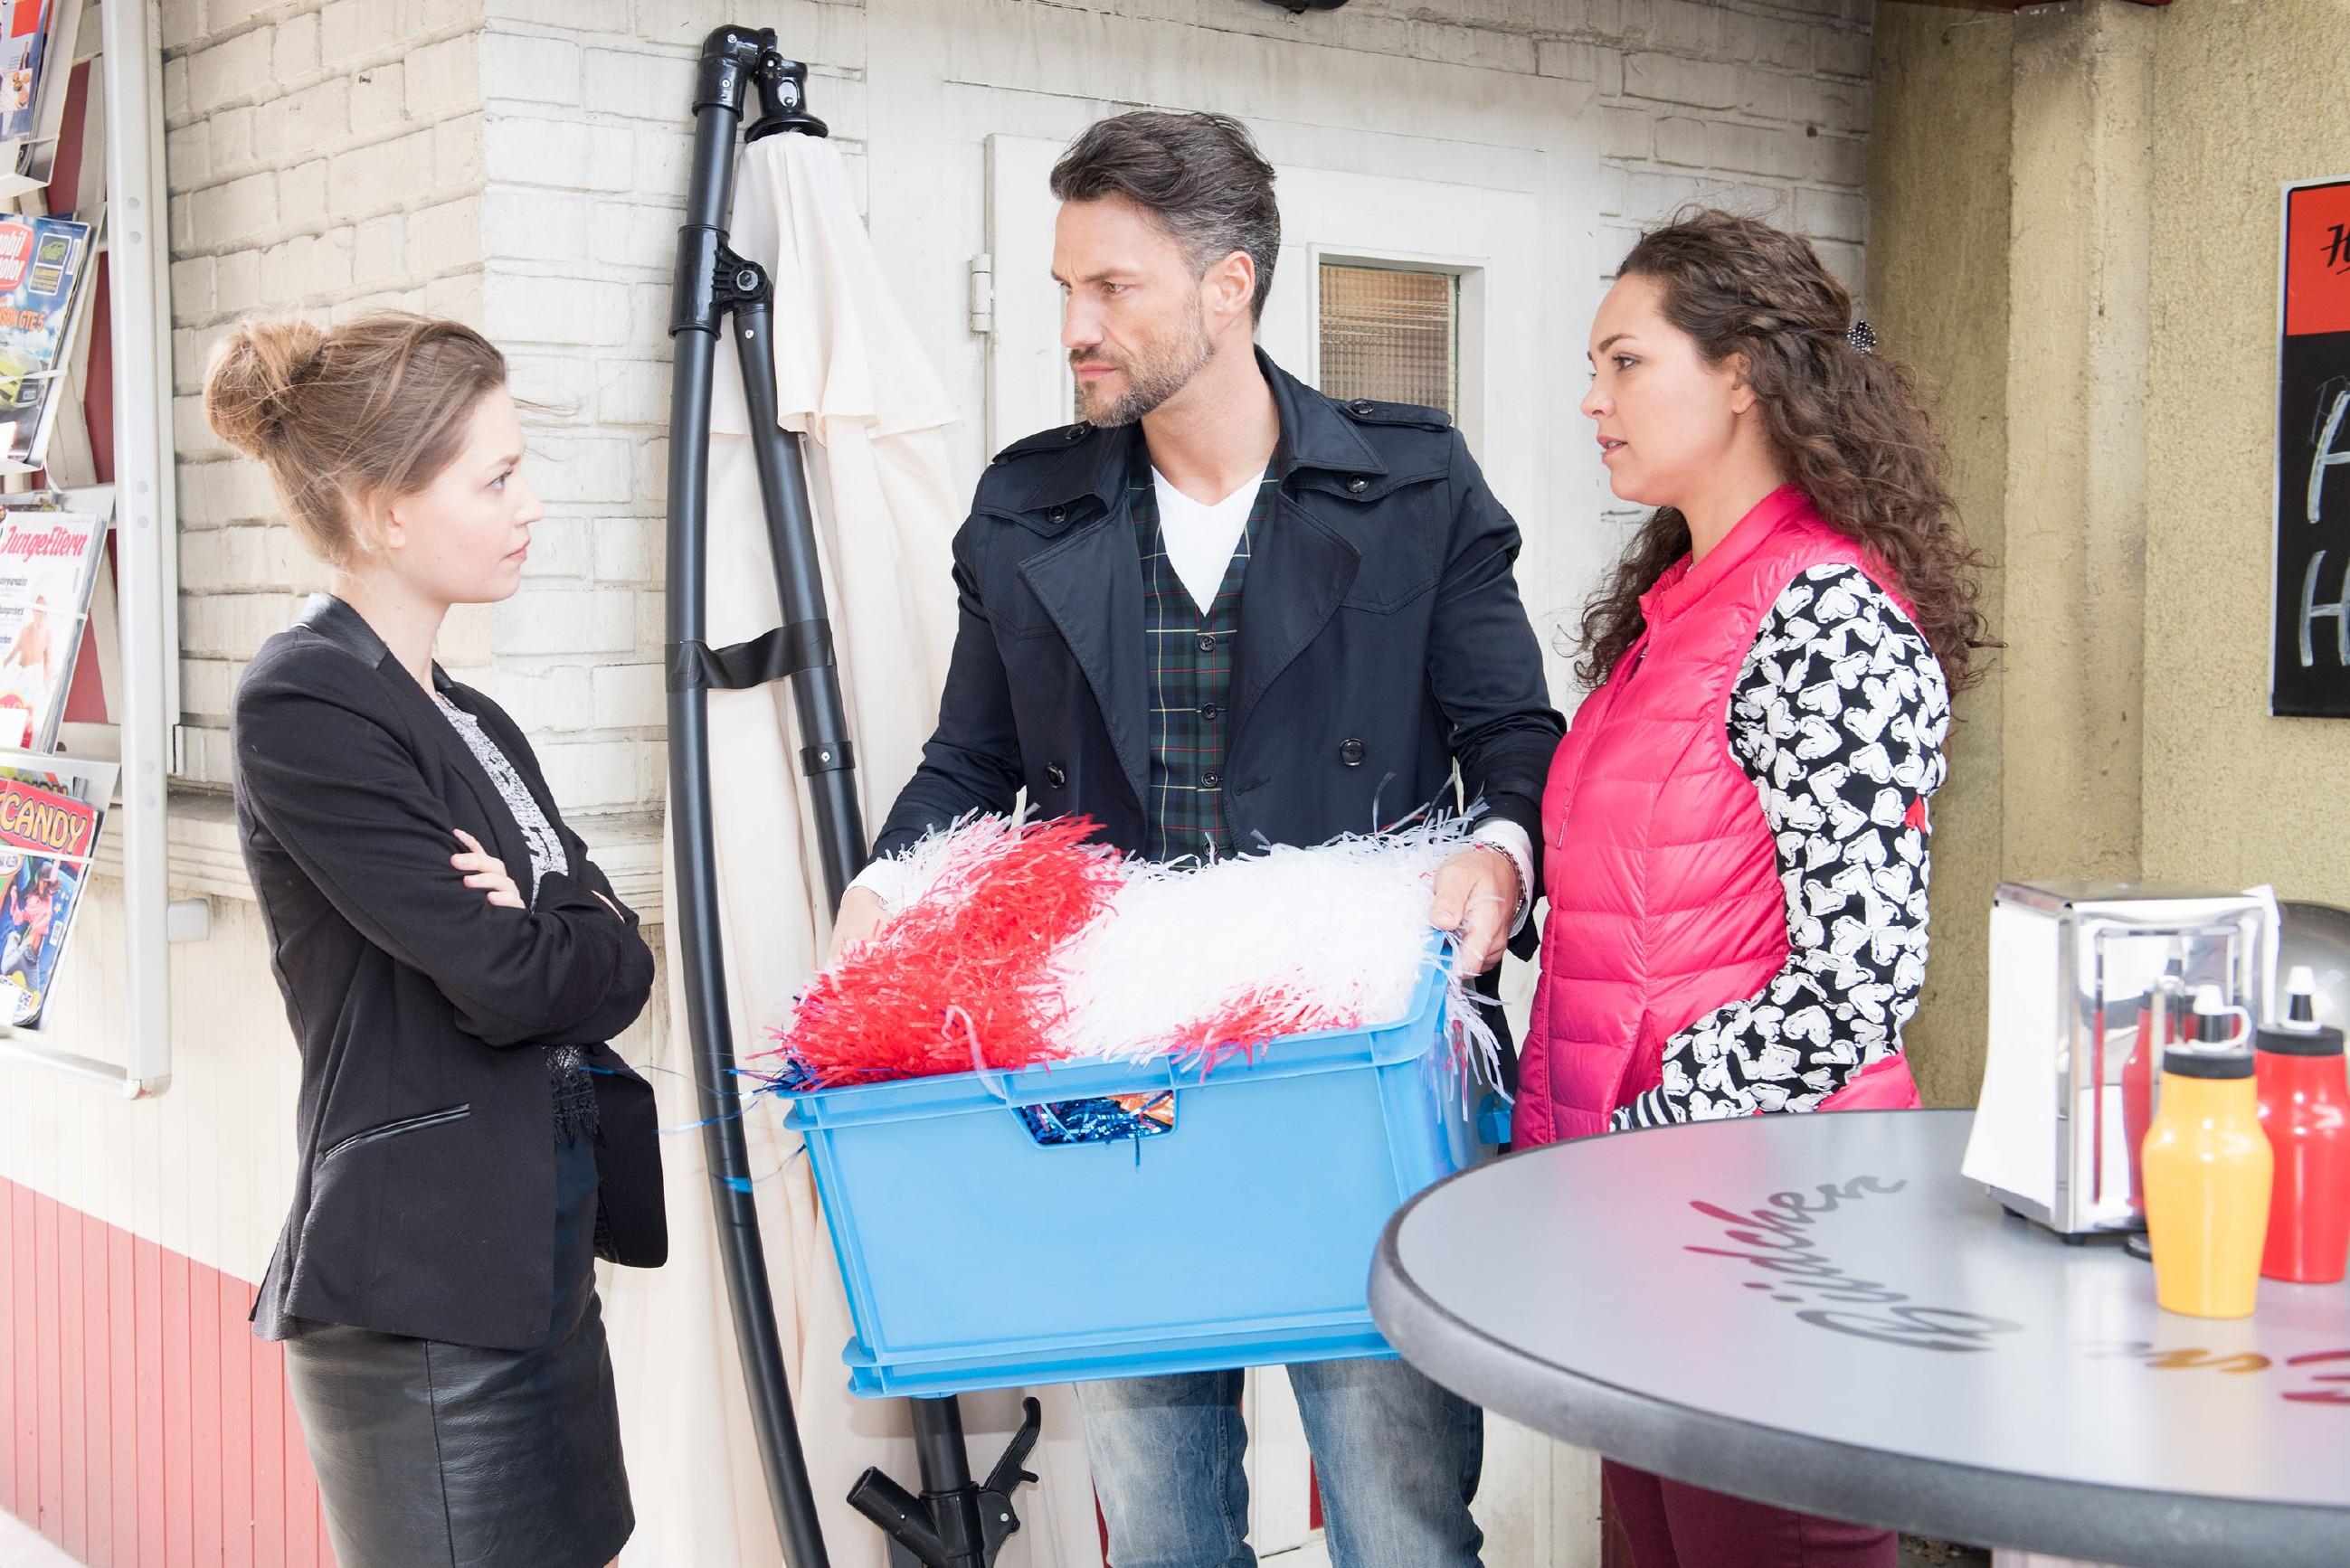 Als Jule (Amrei Haardt, l.) ihnen eine klare Ansage macht, überlegen Malte (Stefan Bockelmann) und Caro (Ines Kurenbach), ob sie der Trauerfeier für Rolf nicht doch beiwohnen sollten. (Quelle: RTL / Stefan Behrens)